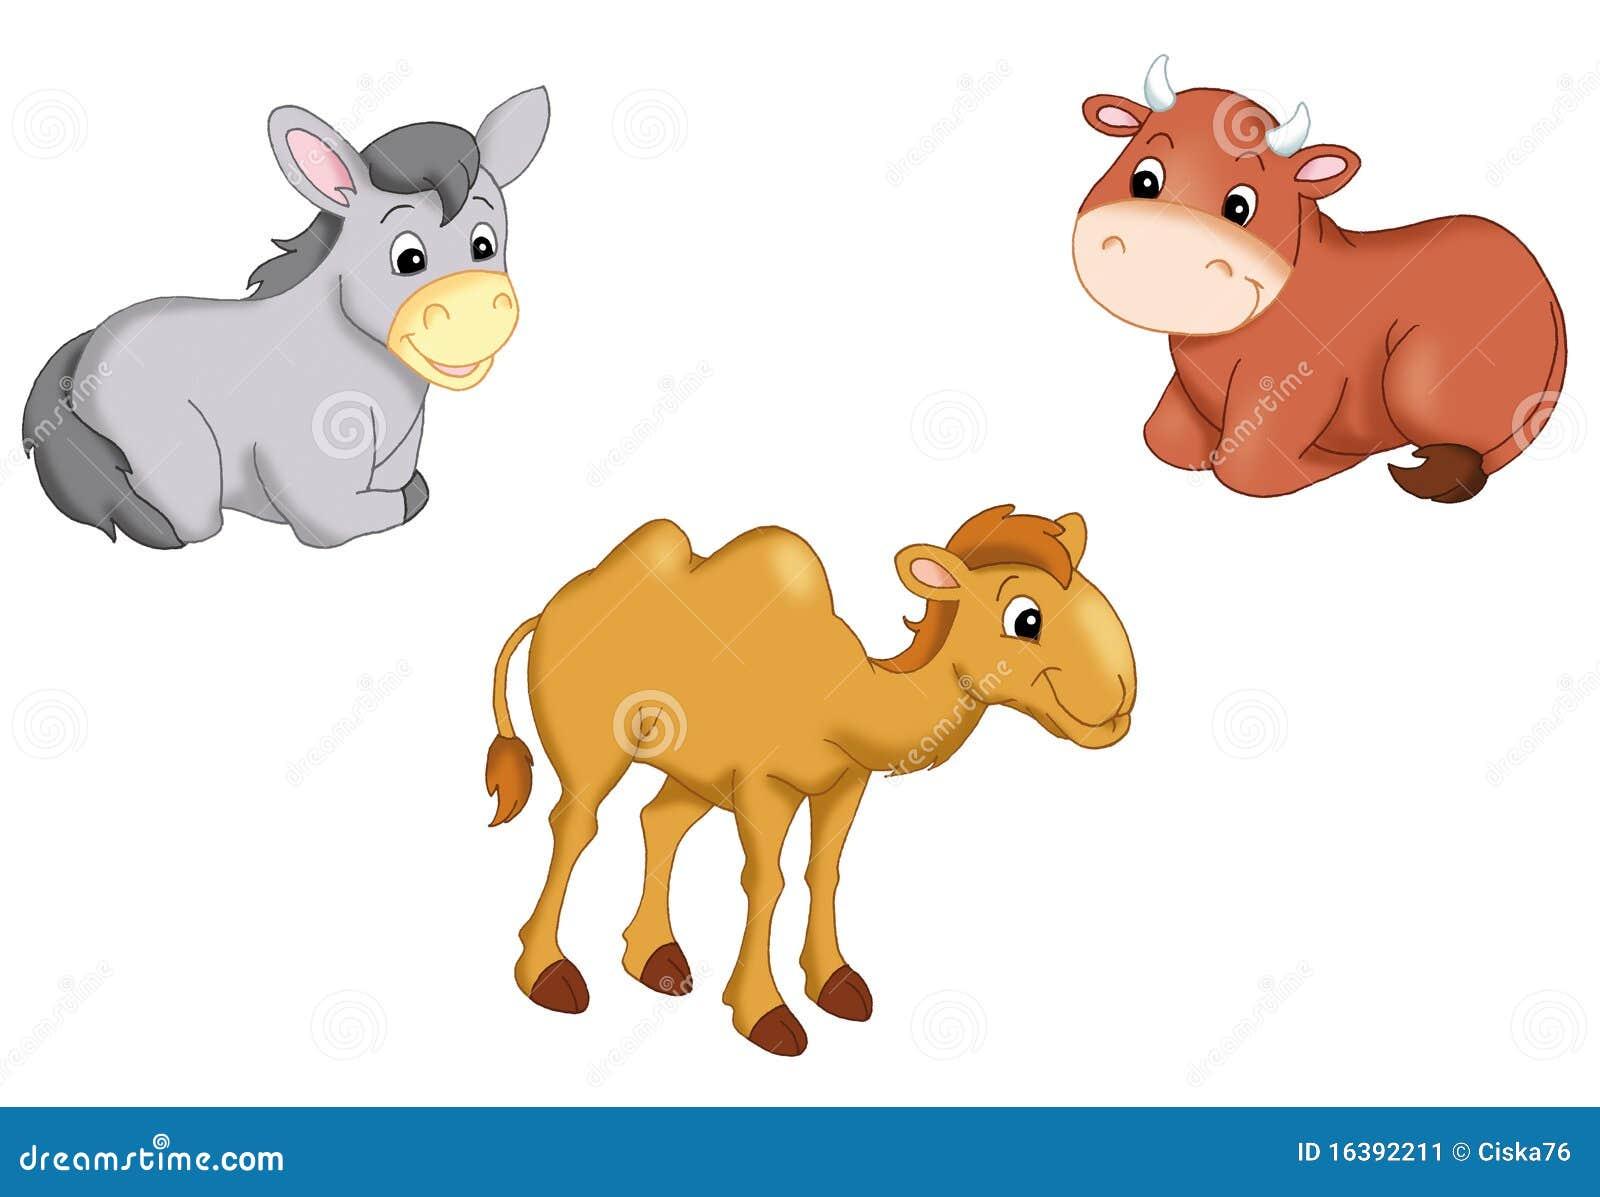 Animals manger stock illustration. Illustration of white ...